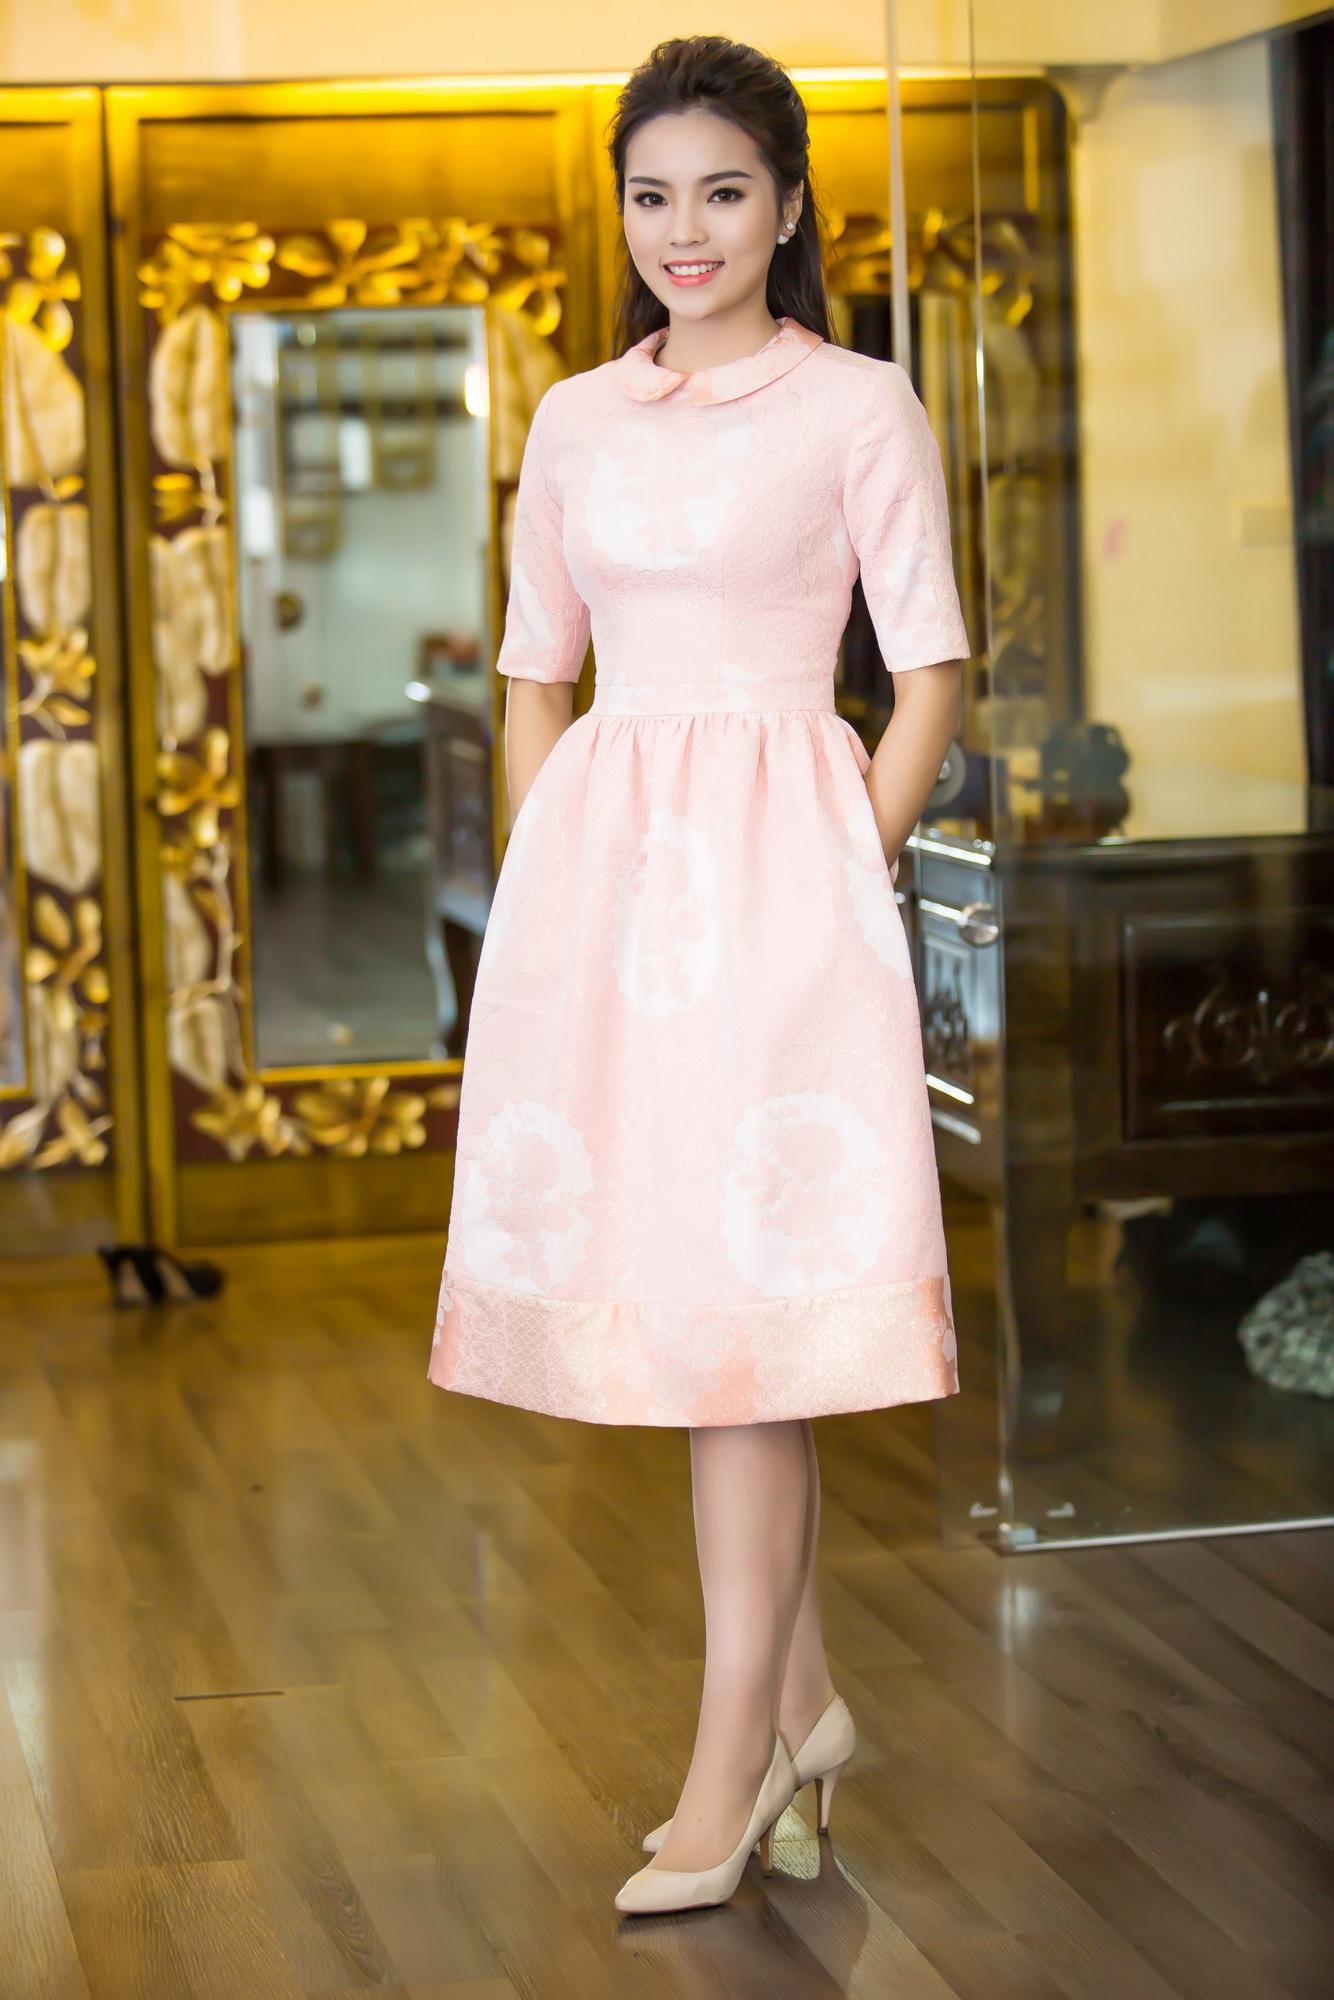 Hoa hậu Kỳ Duyên ngày càng sành điệu